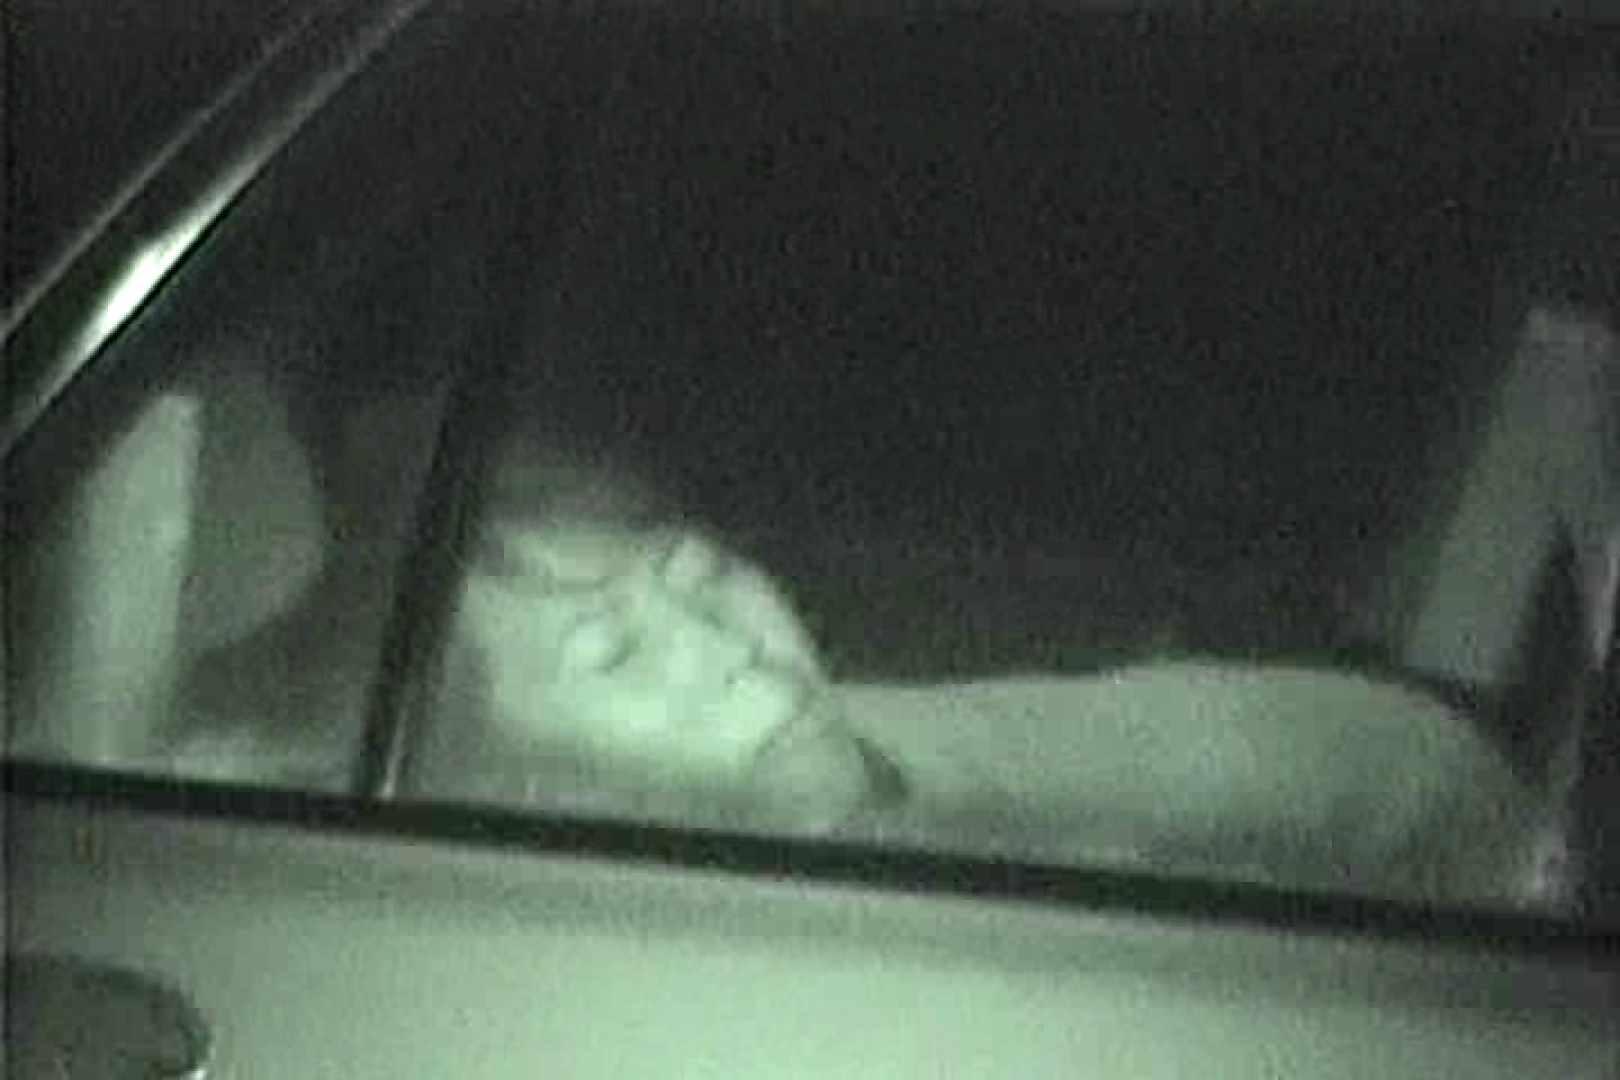 車の中はラブホテル 無修正版  Vol.9 車 オマンコ動画キャプチャ 88連発 73